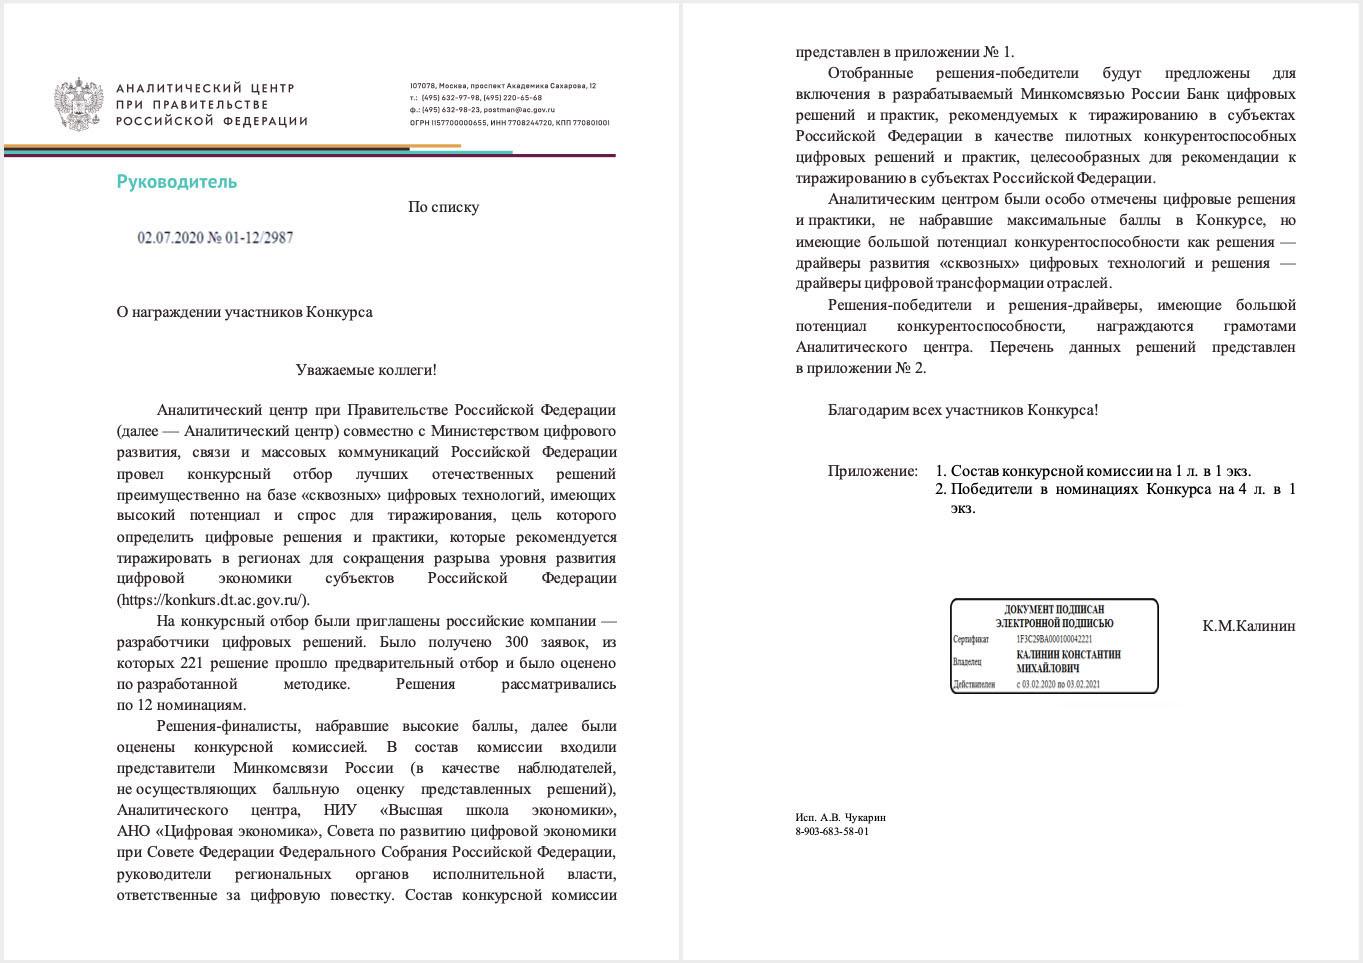 Аналитический центр при Правительстве РФ признал «Галактика ЕАМ» победителем Конкурсного отбора лучших отечественных решений